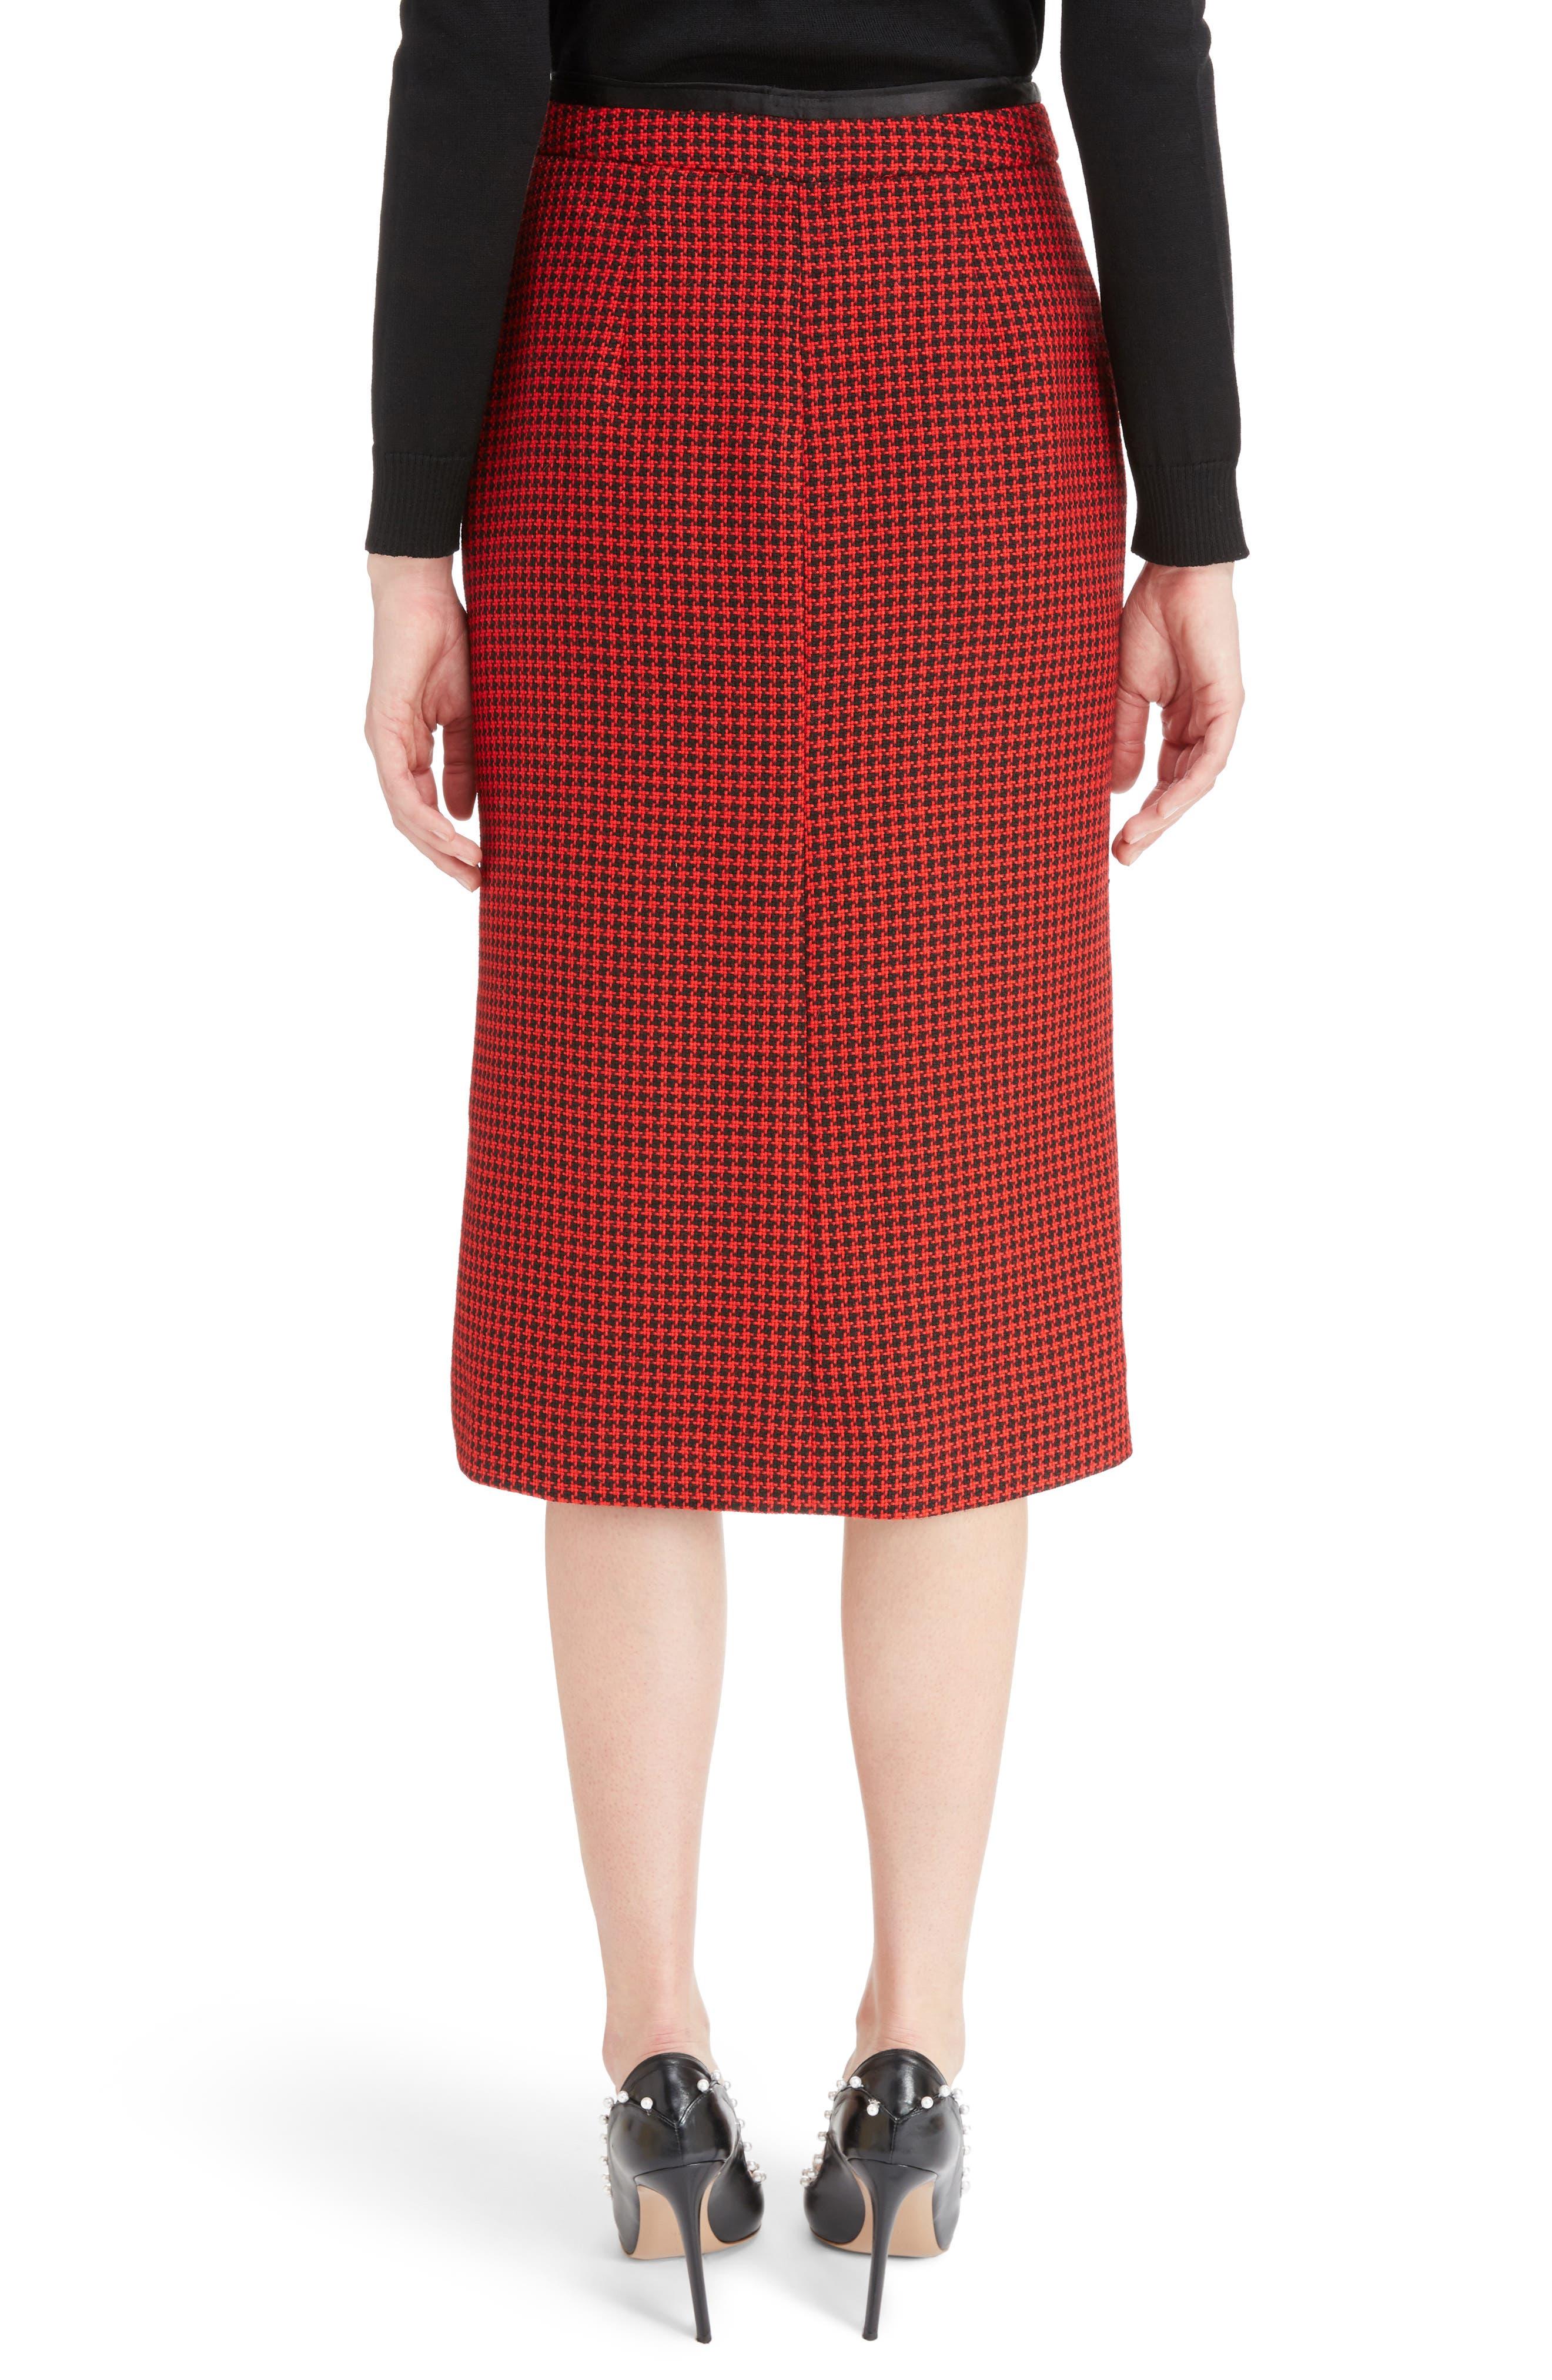 Christofor Houndstooth Wool Skirt,                             Alternate thumbnail 2, color,                             623